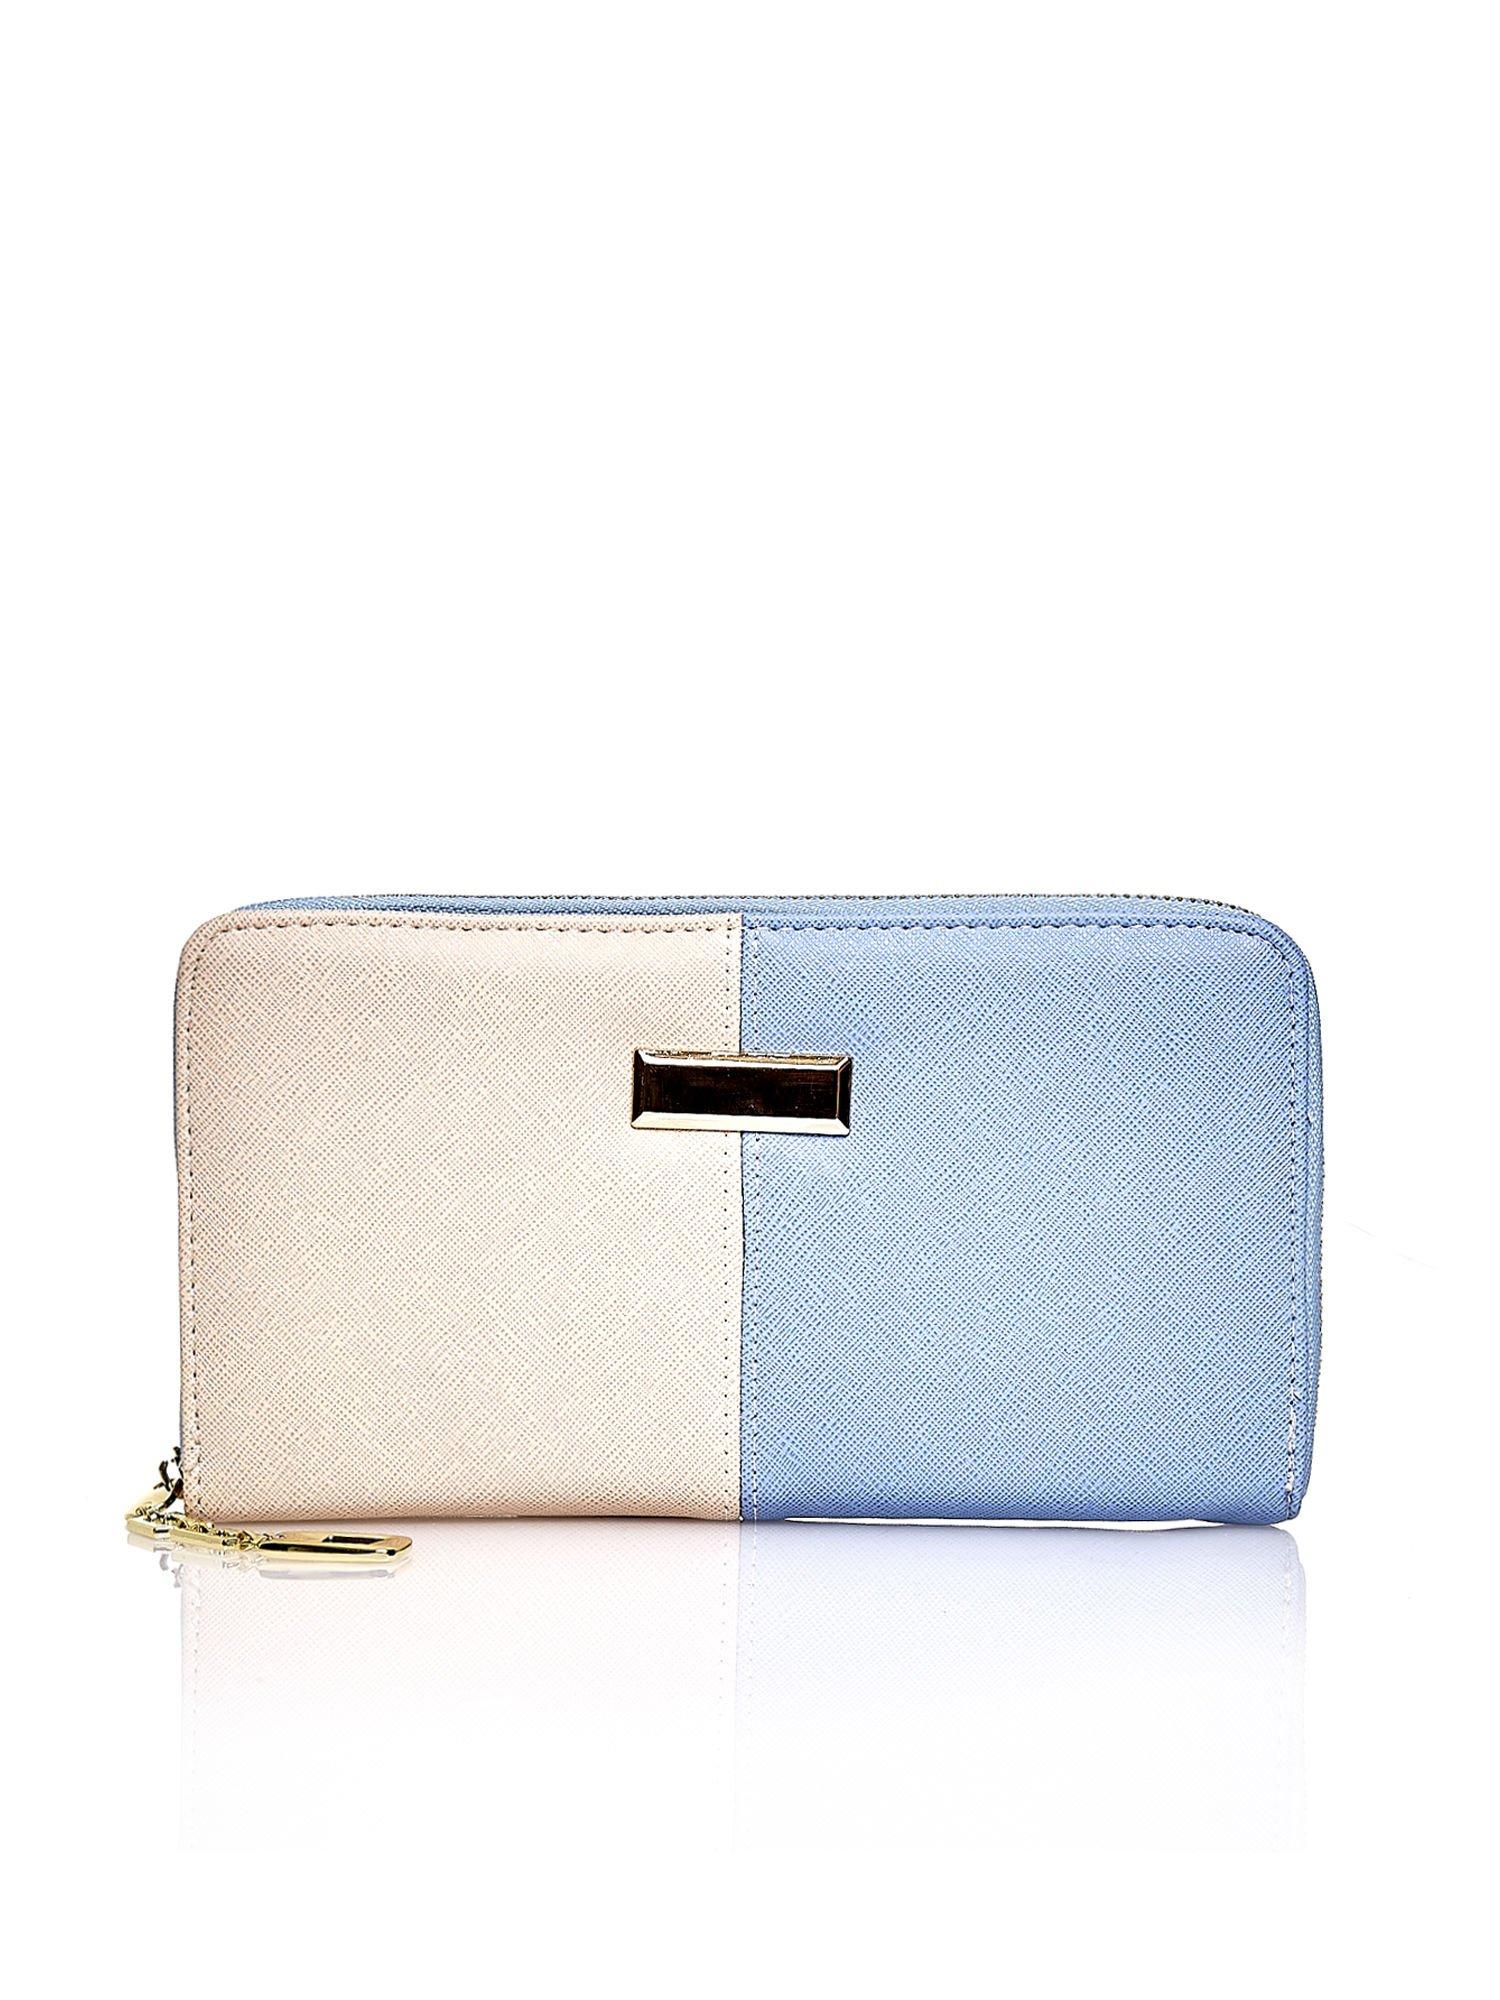 Niebieski portfel two tone z uchwytem                                  zdj.                                  1